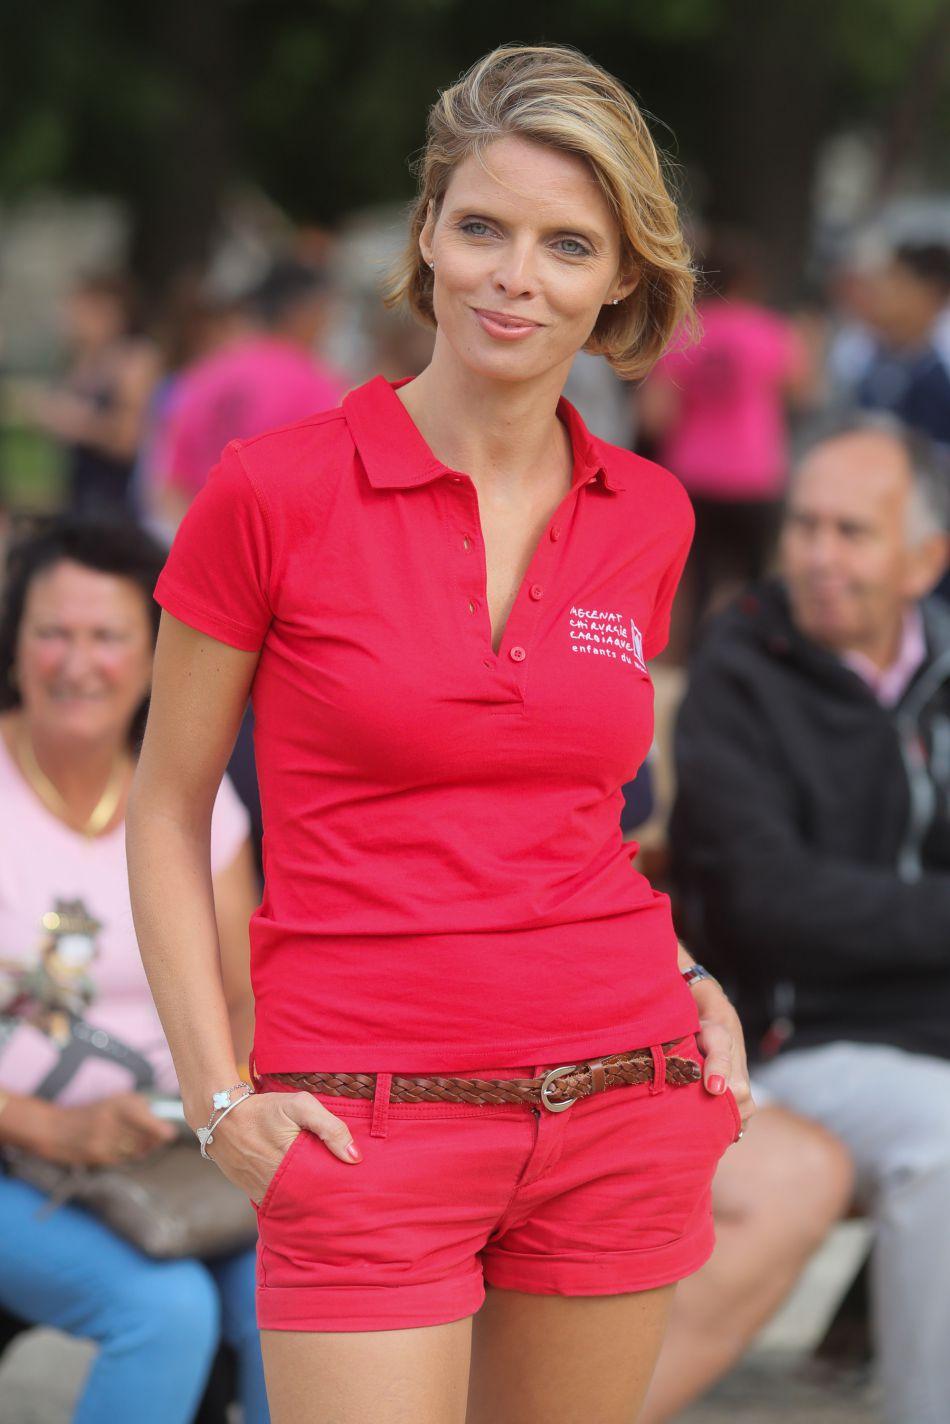 Miss France 2002 n'a rien perdu de sa superbe, 15 ans après son règne, Sylvie Tellier est rayonnante.